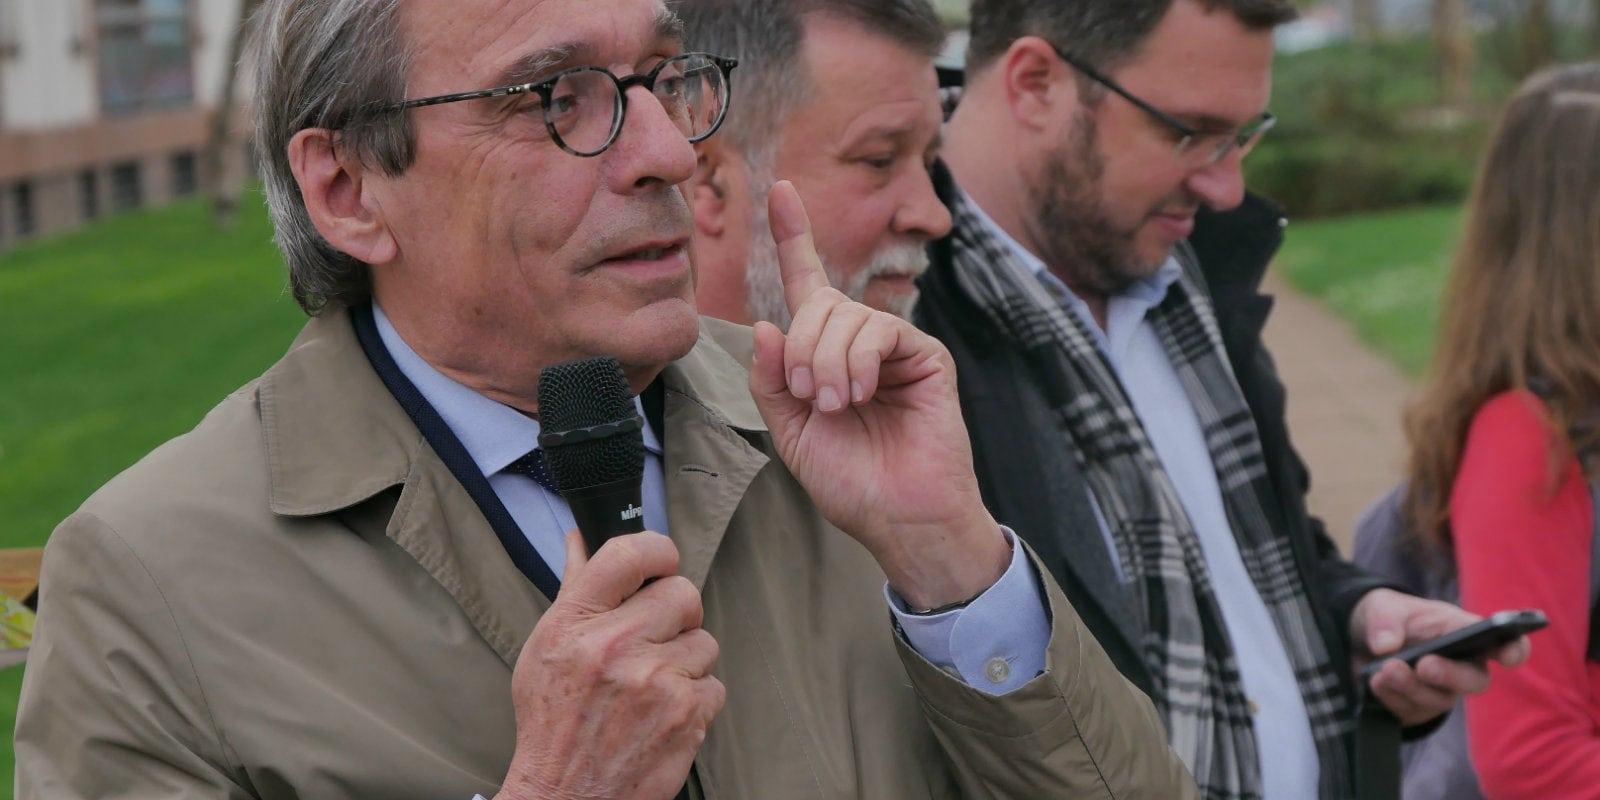 Des festivités pour changer l'image de l'Elsau, son principal problème selon Roland Ries